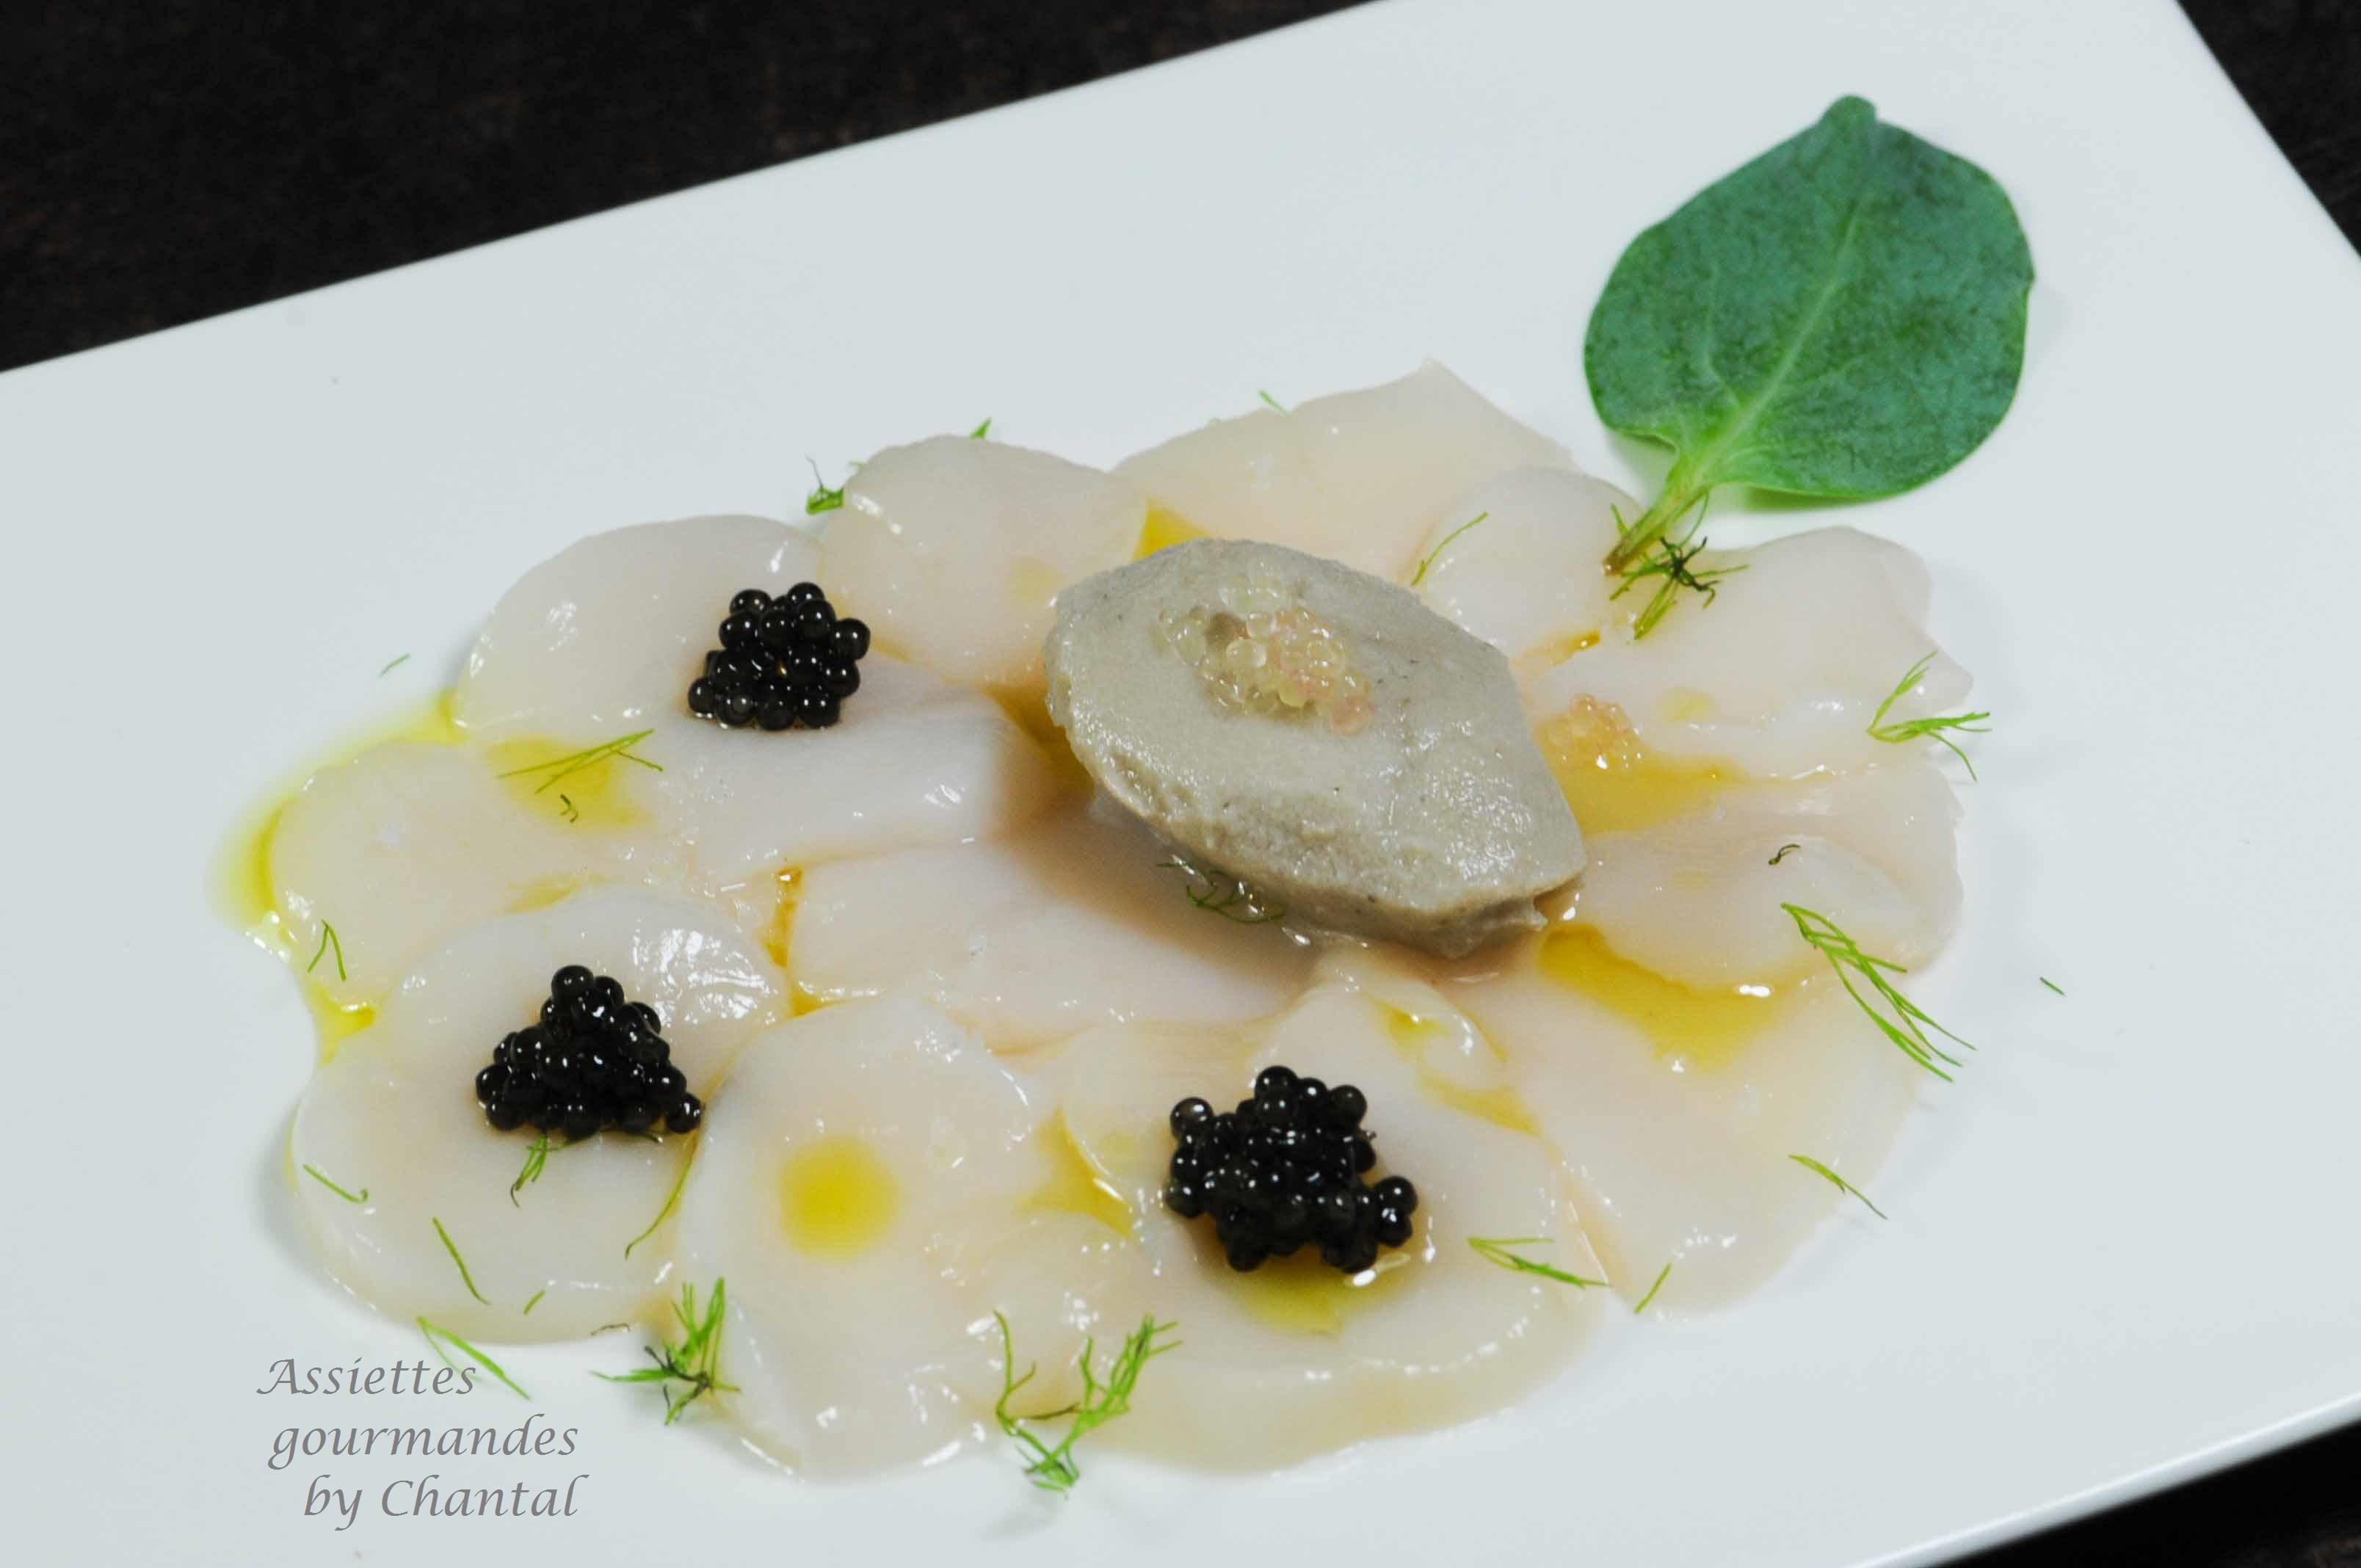 Carpaccio de Saint-Jacques, sorbet huîtres et caviar